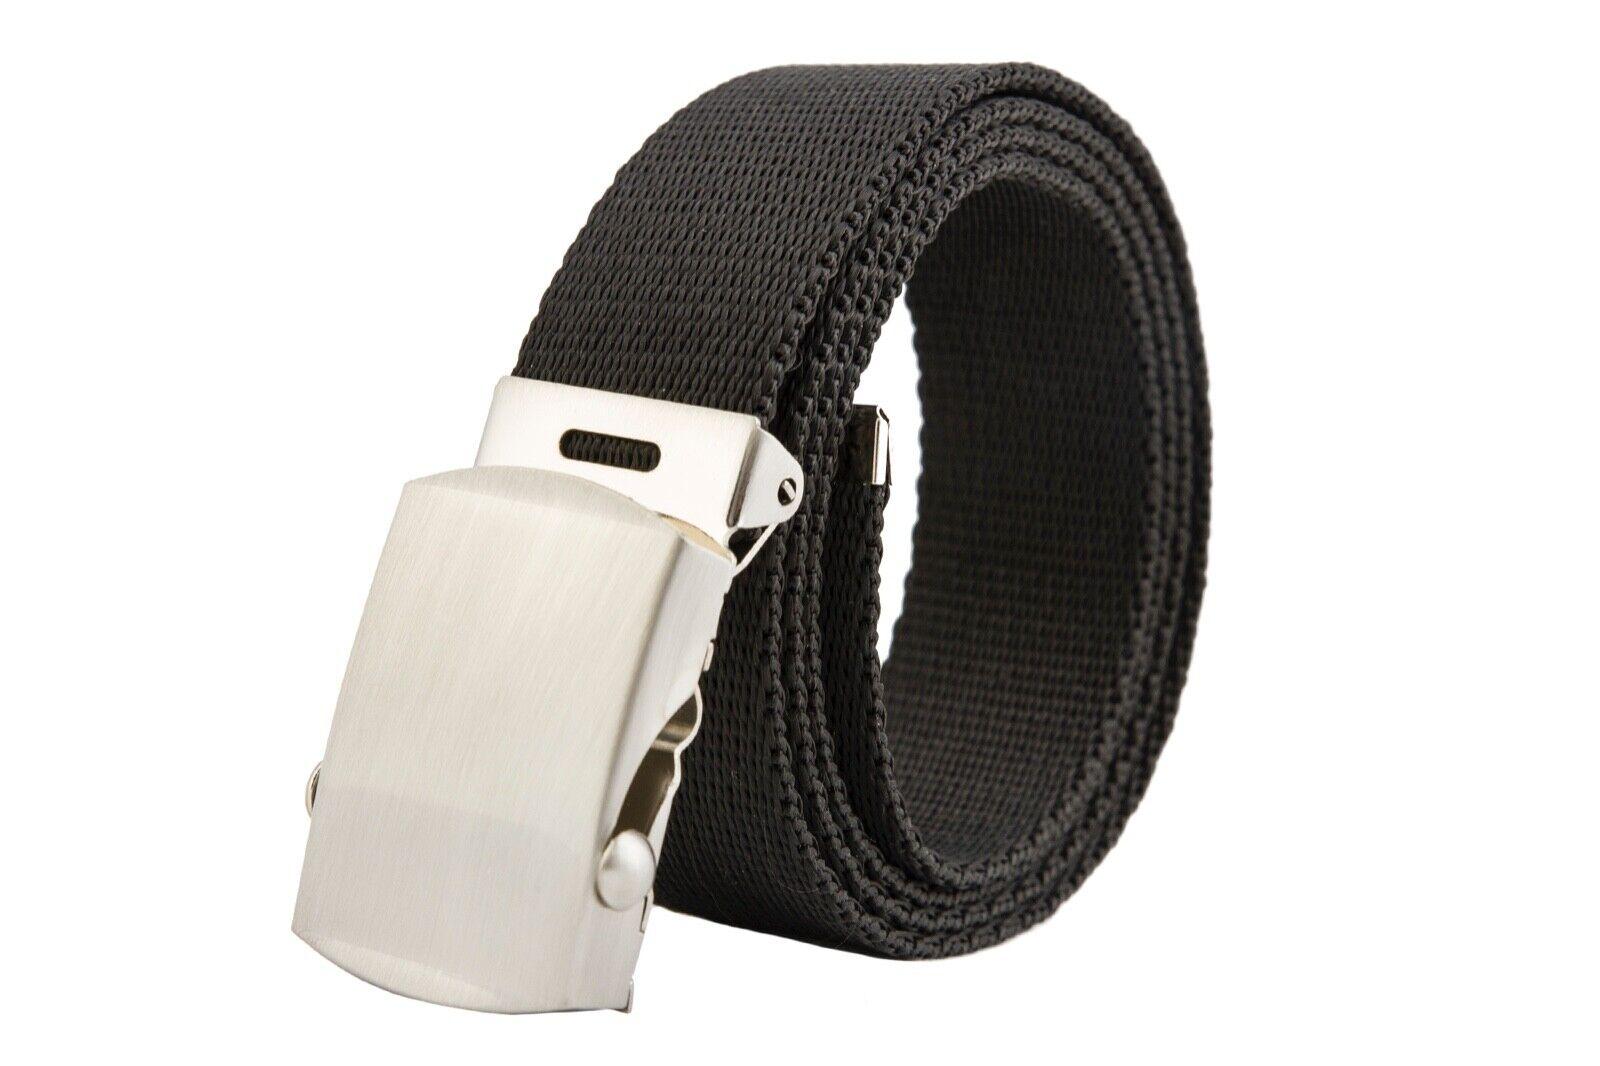 Bandgürtel 3cm Gürtel für Outdoor Militärgürtel bis 200cm der Marke Shenky